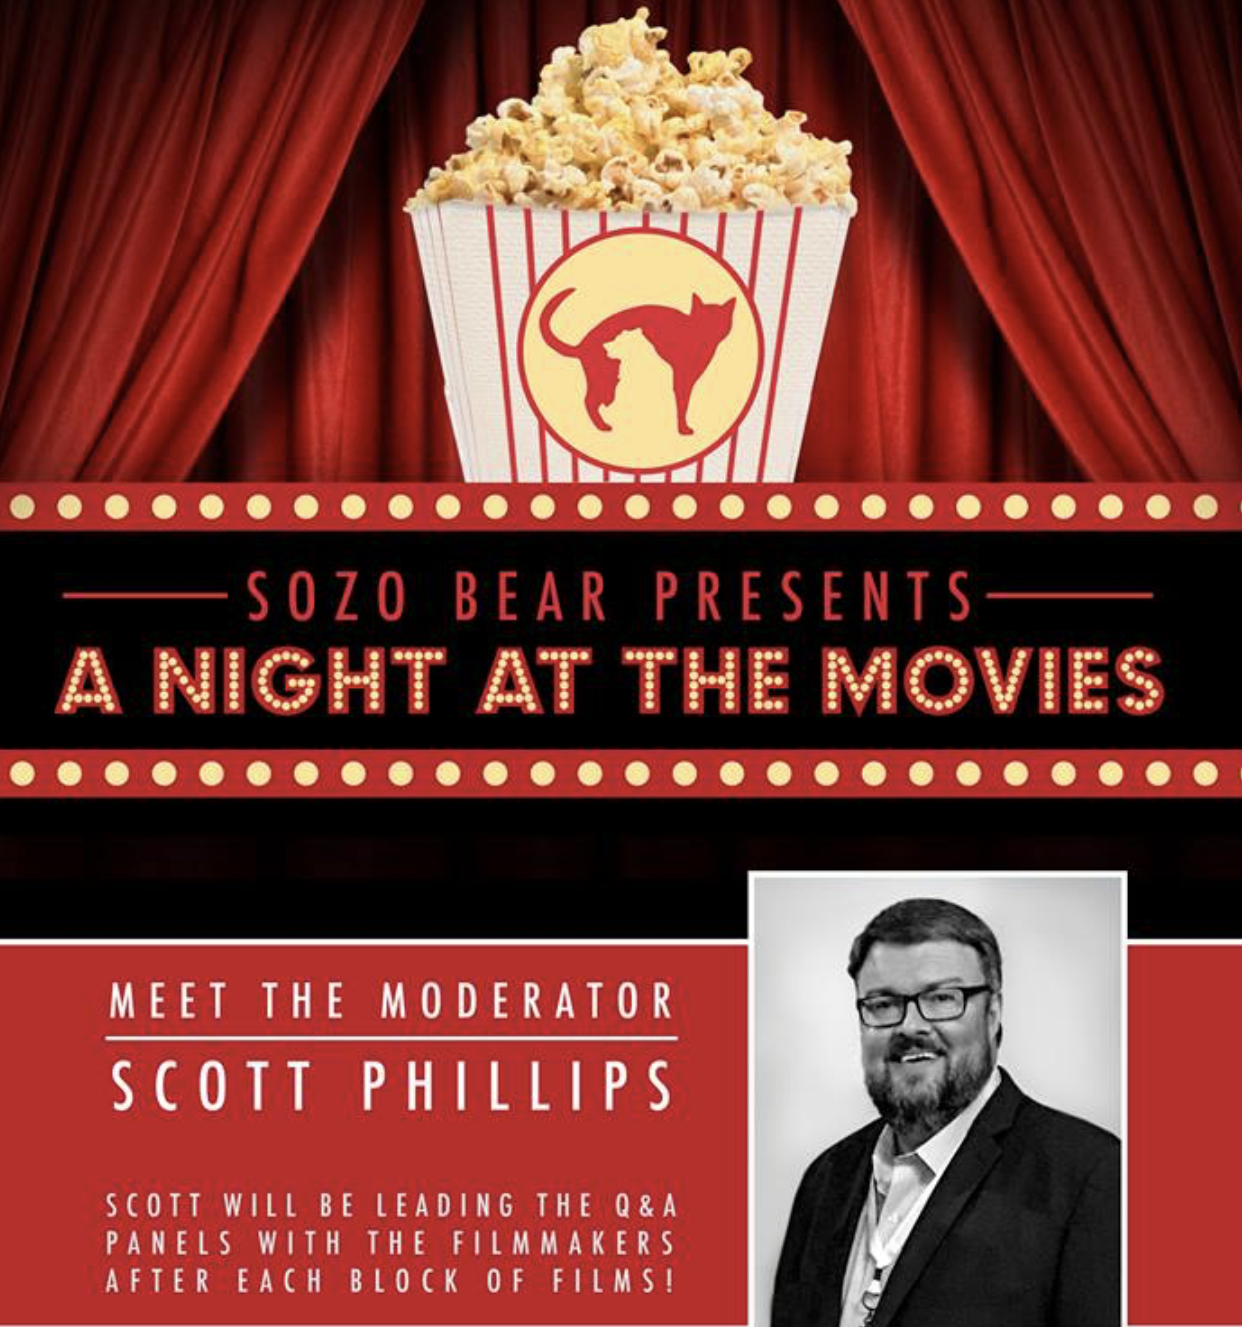 Sozo Bear Film Night Promo